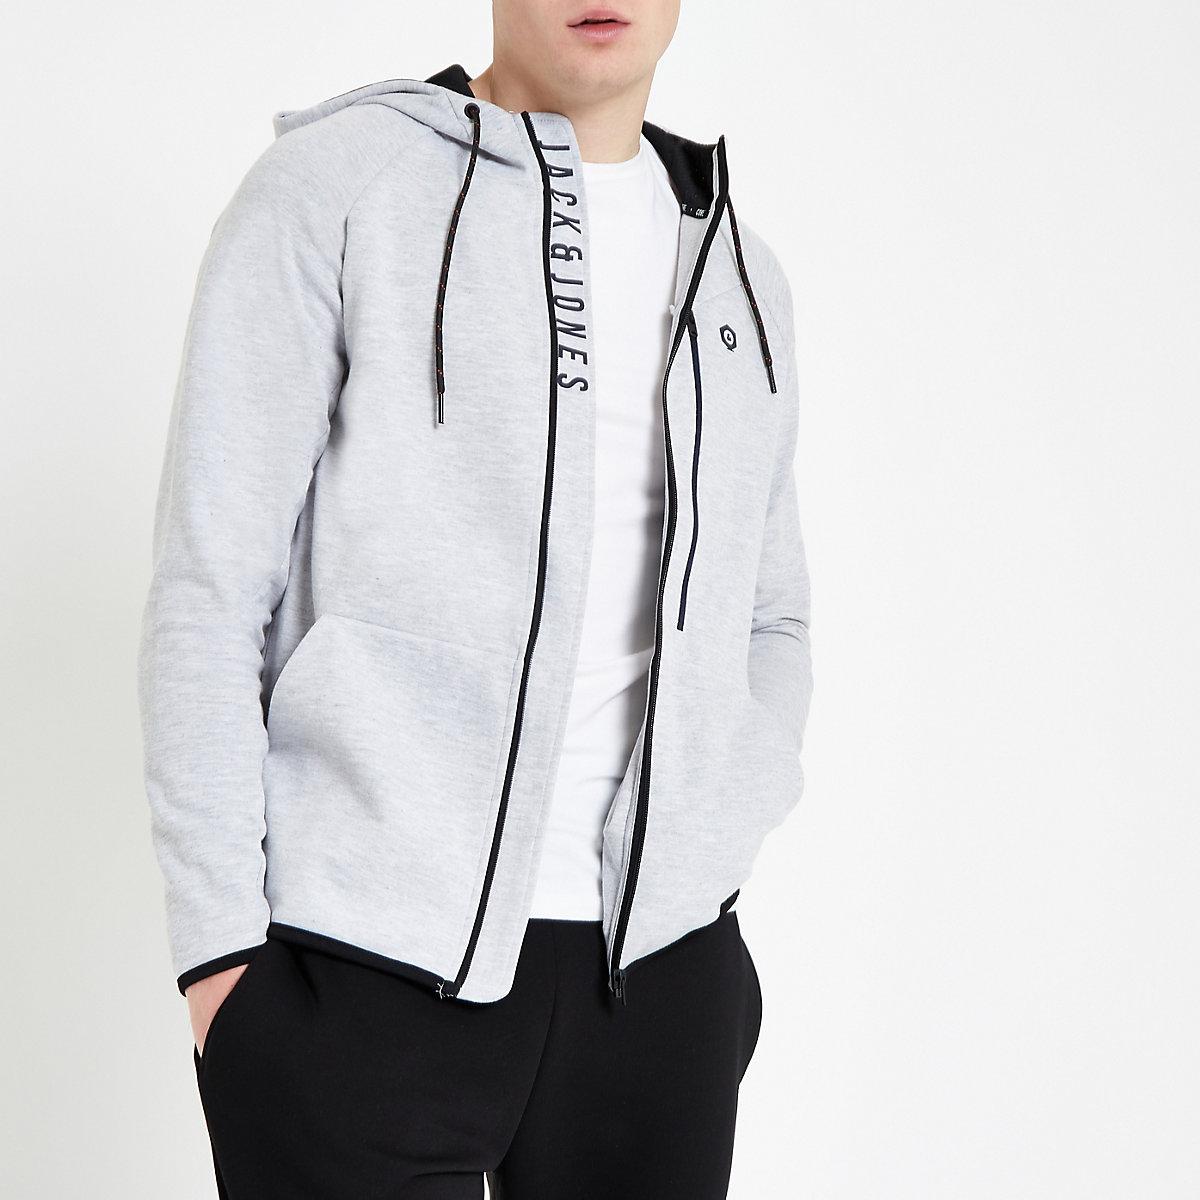 Jack & Jones grey zip up hoodie